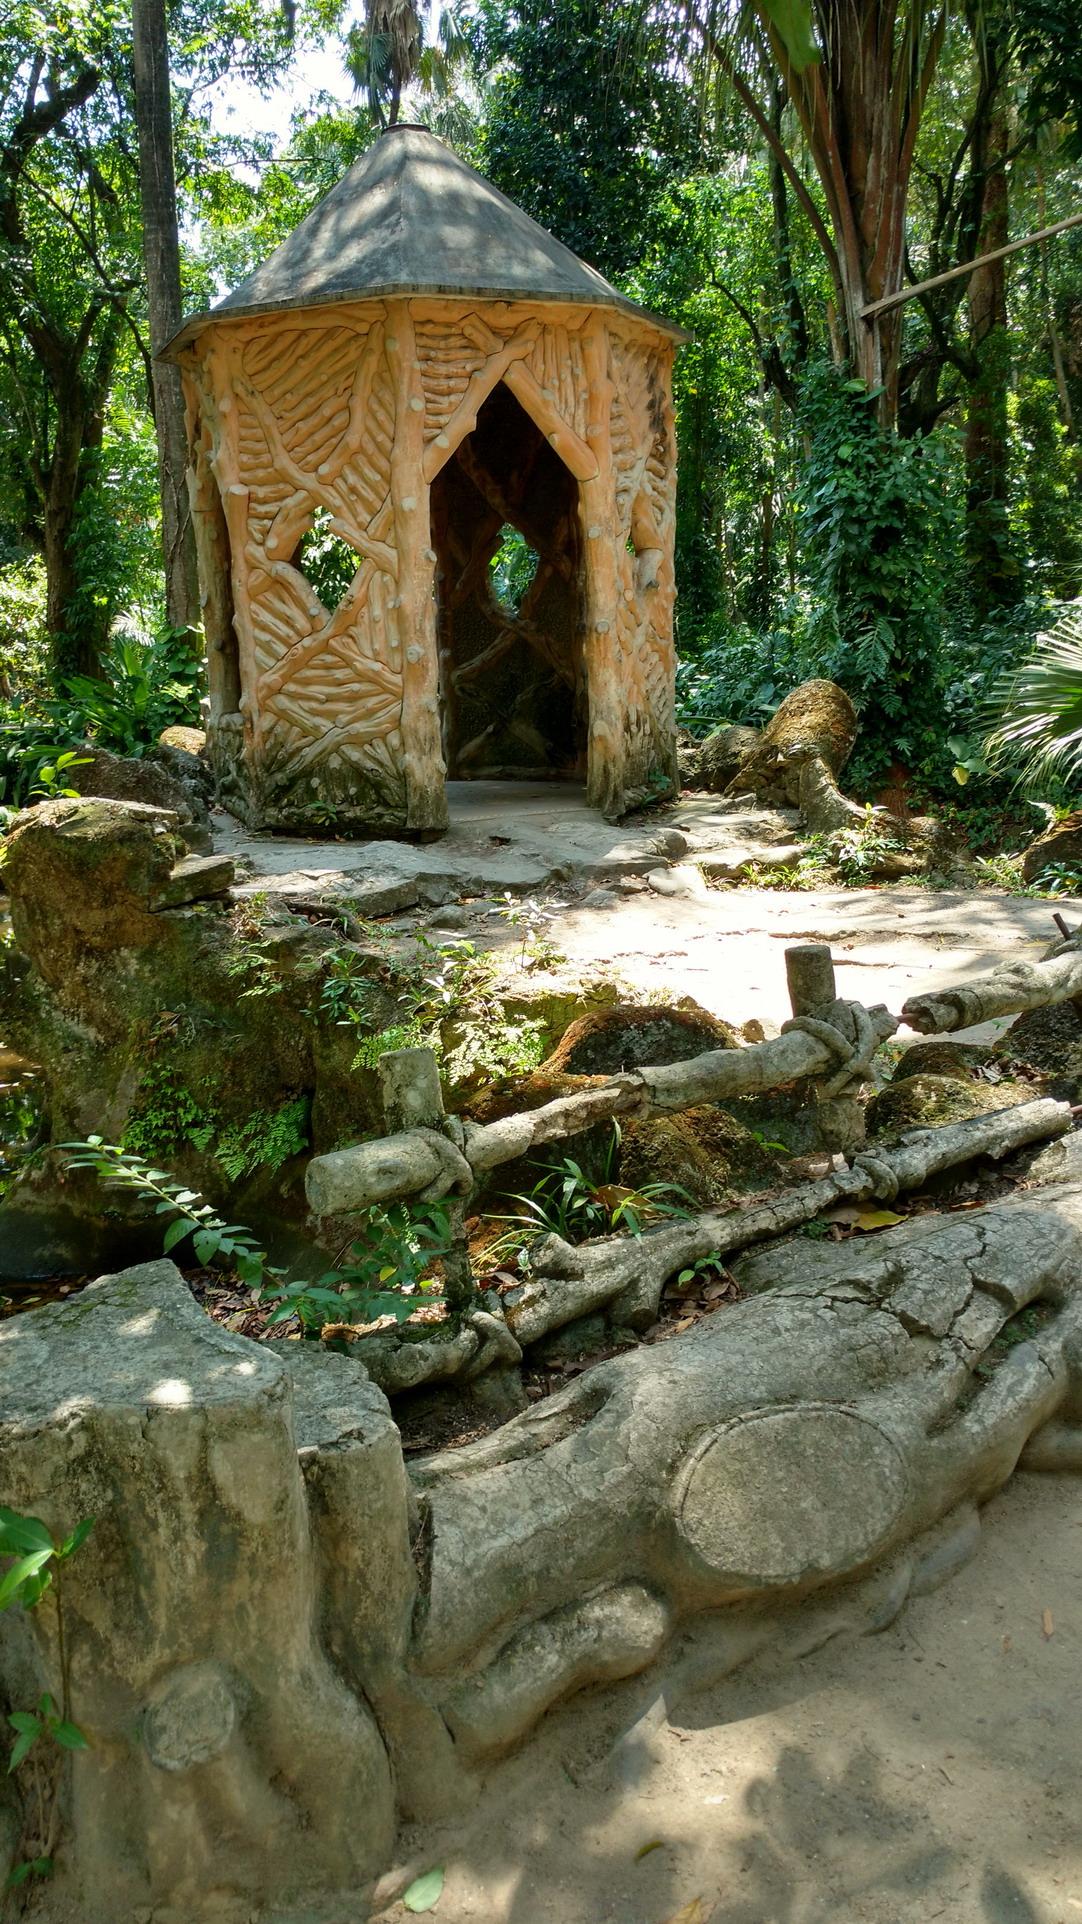 11. Le jardin botanique